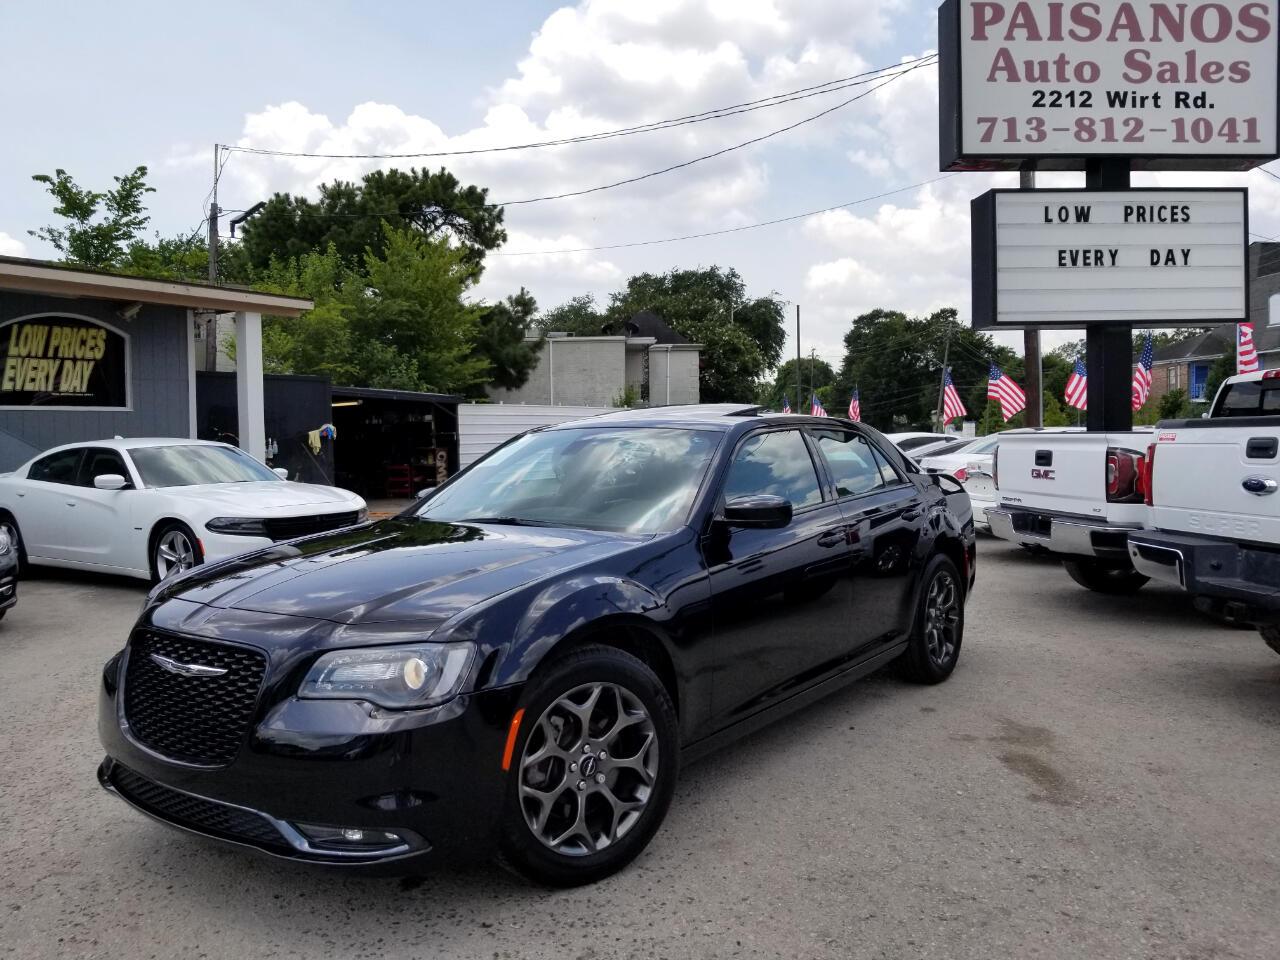 2017 Chrysler 300 S V6 AWD